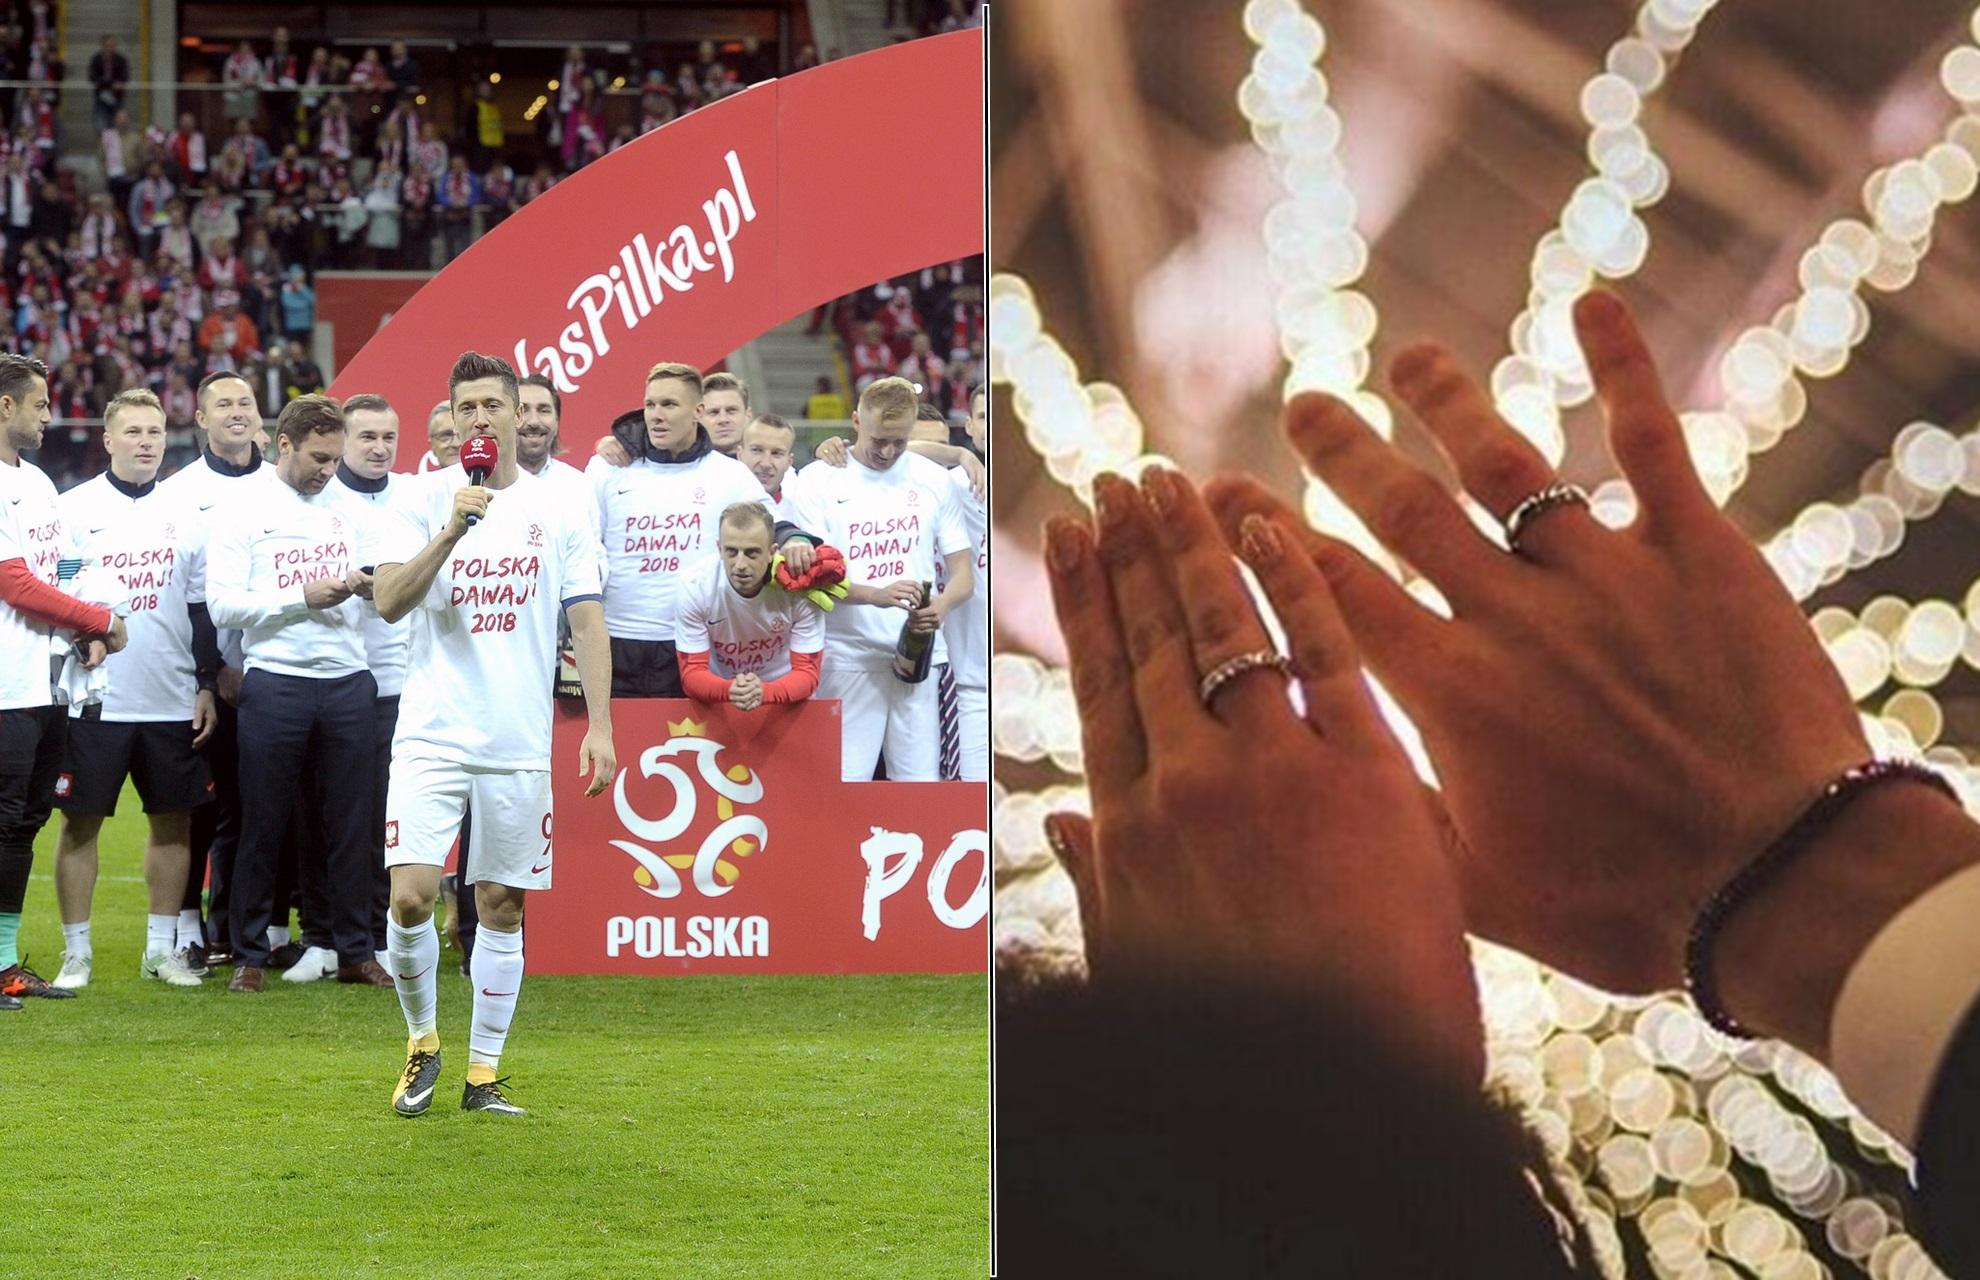 Dwóch znanych piłkarzy Reprezentacji Polski wzięło ślub w tym samym dniu! (ZDJĘCIA)